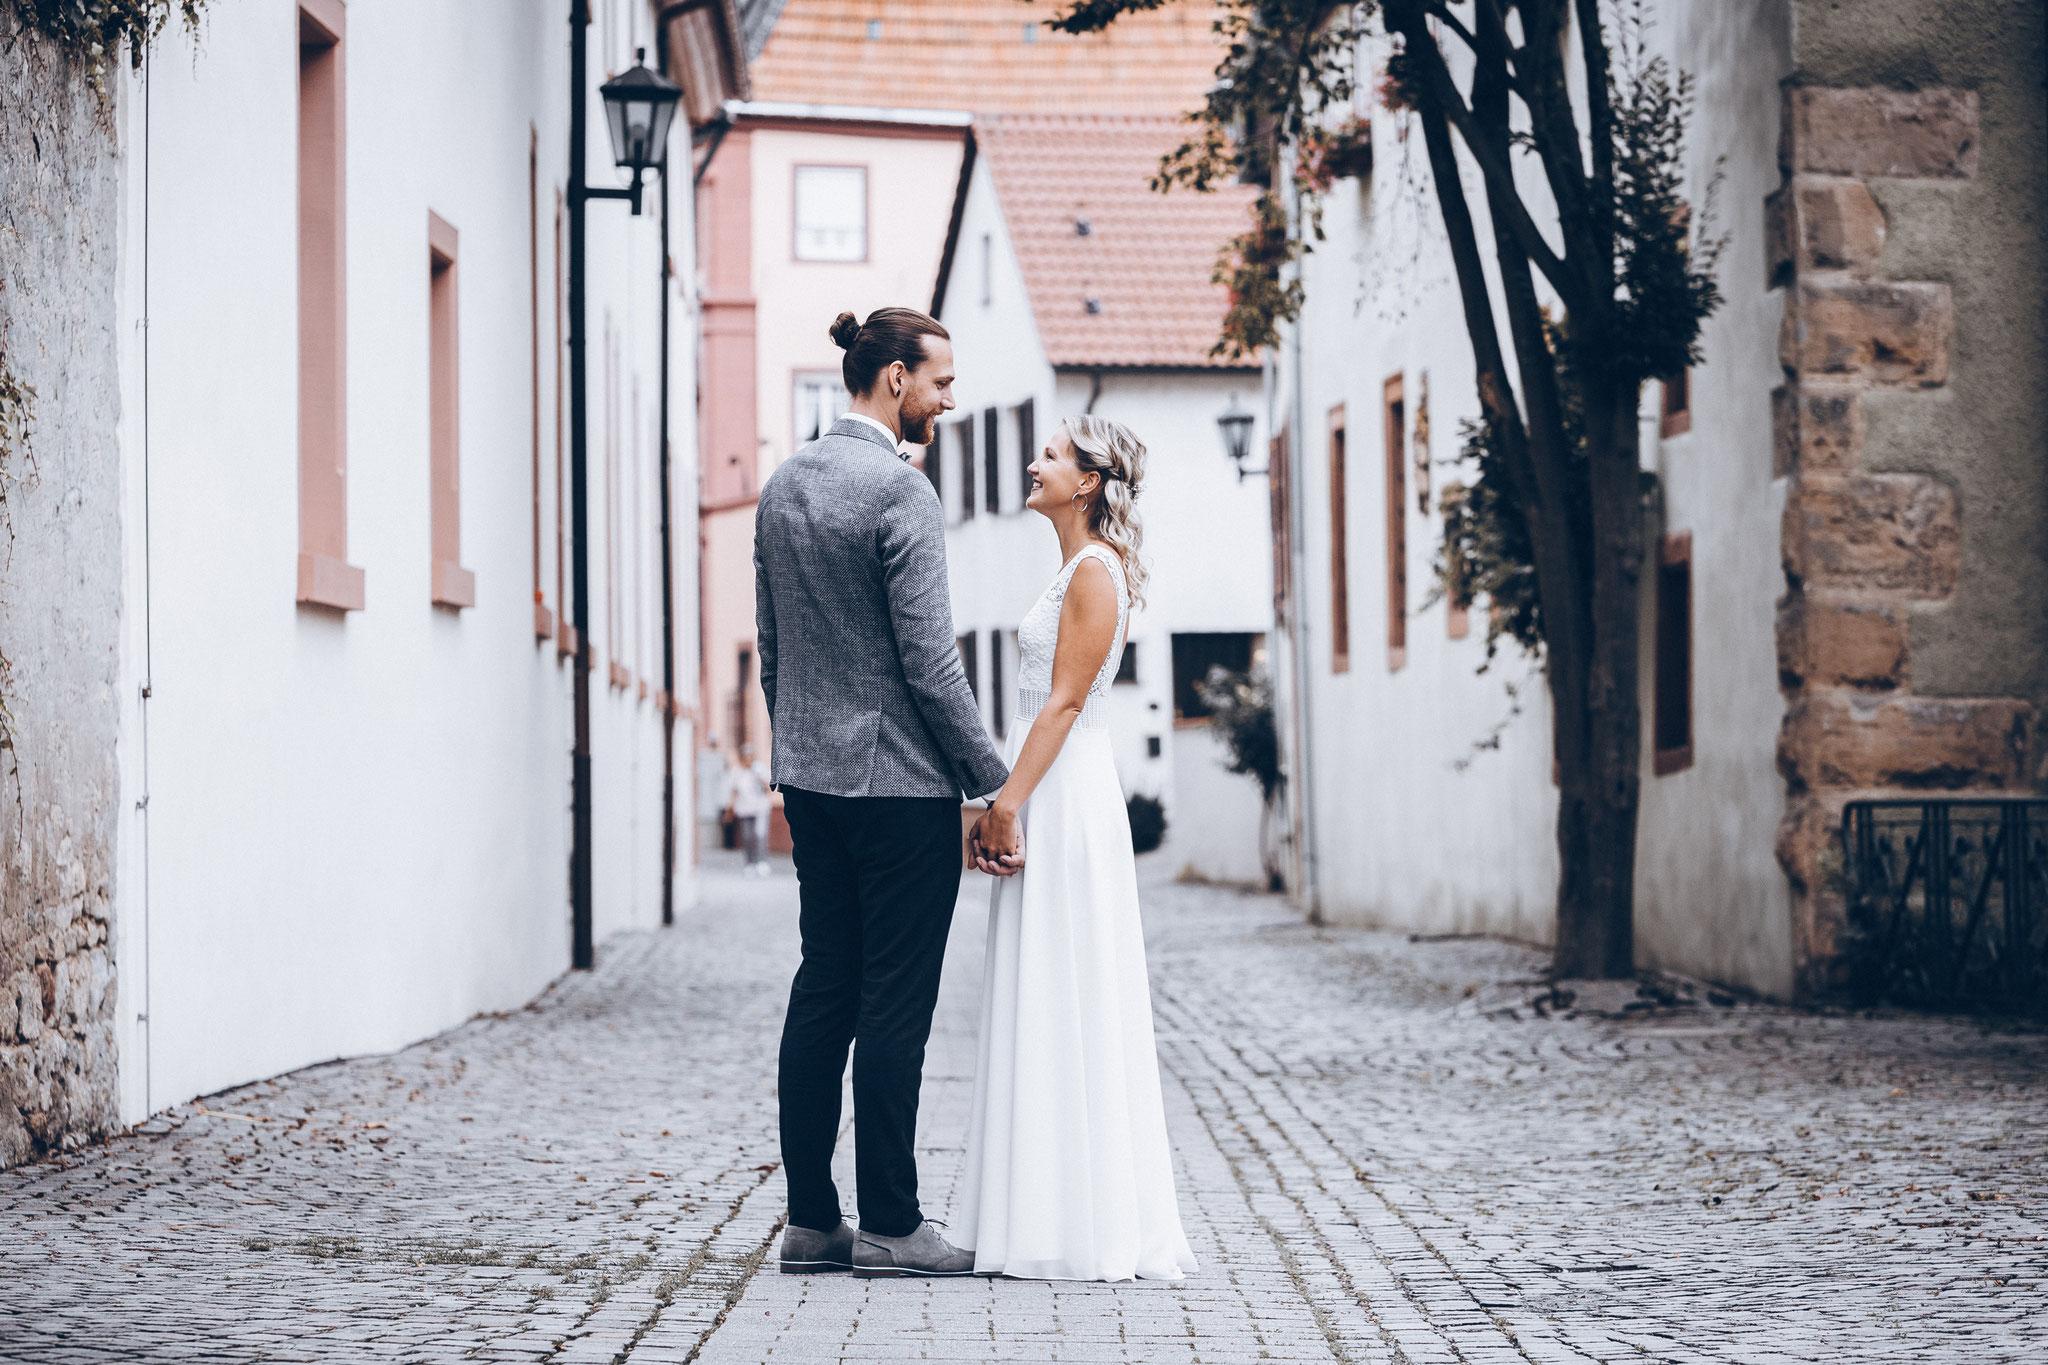 Hochzeitsfotos in Altstadt